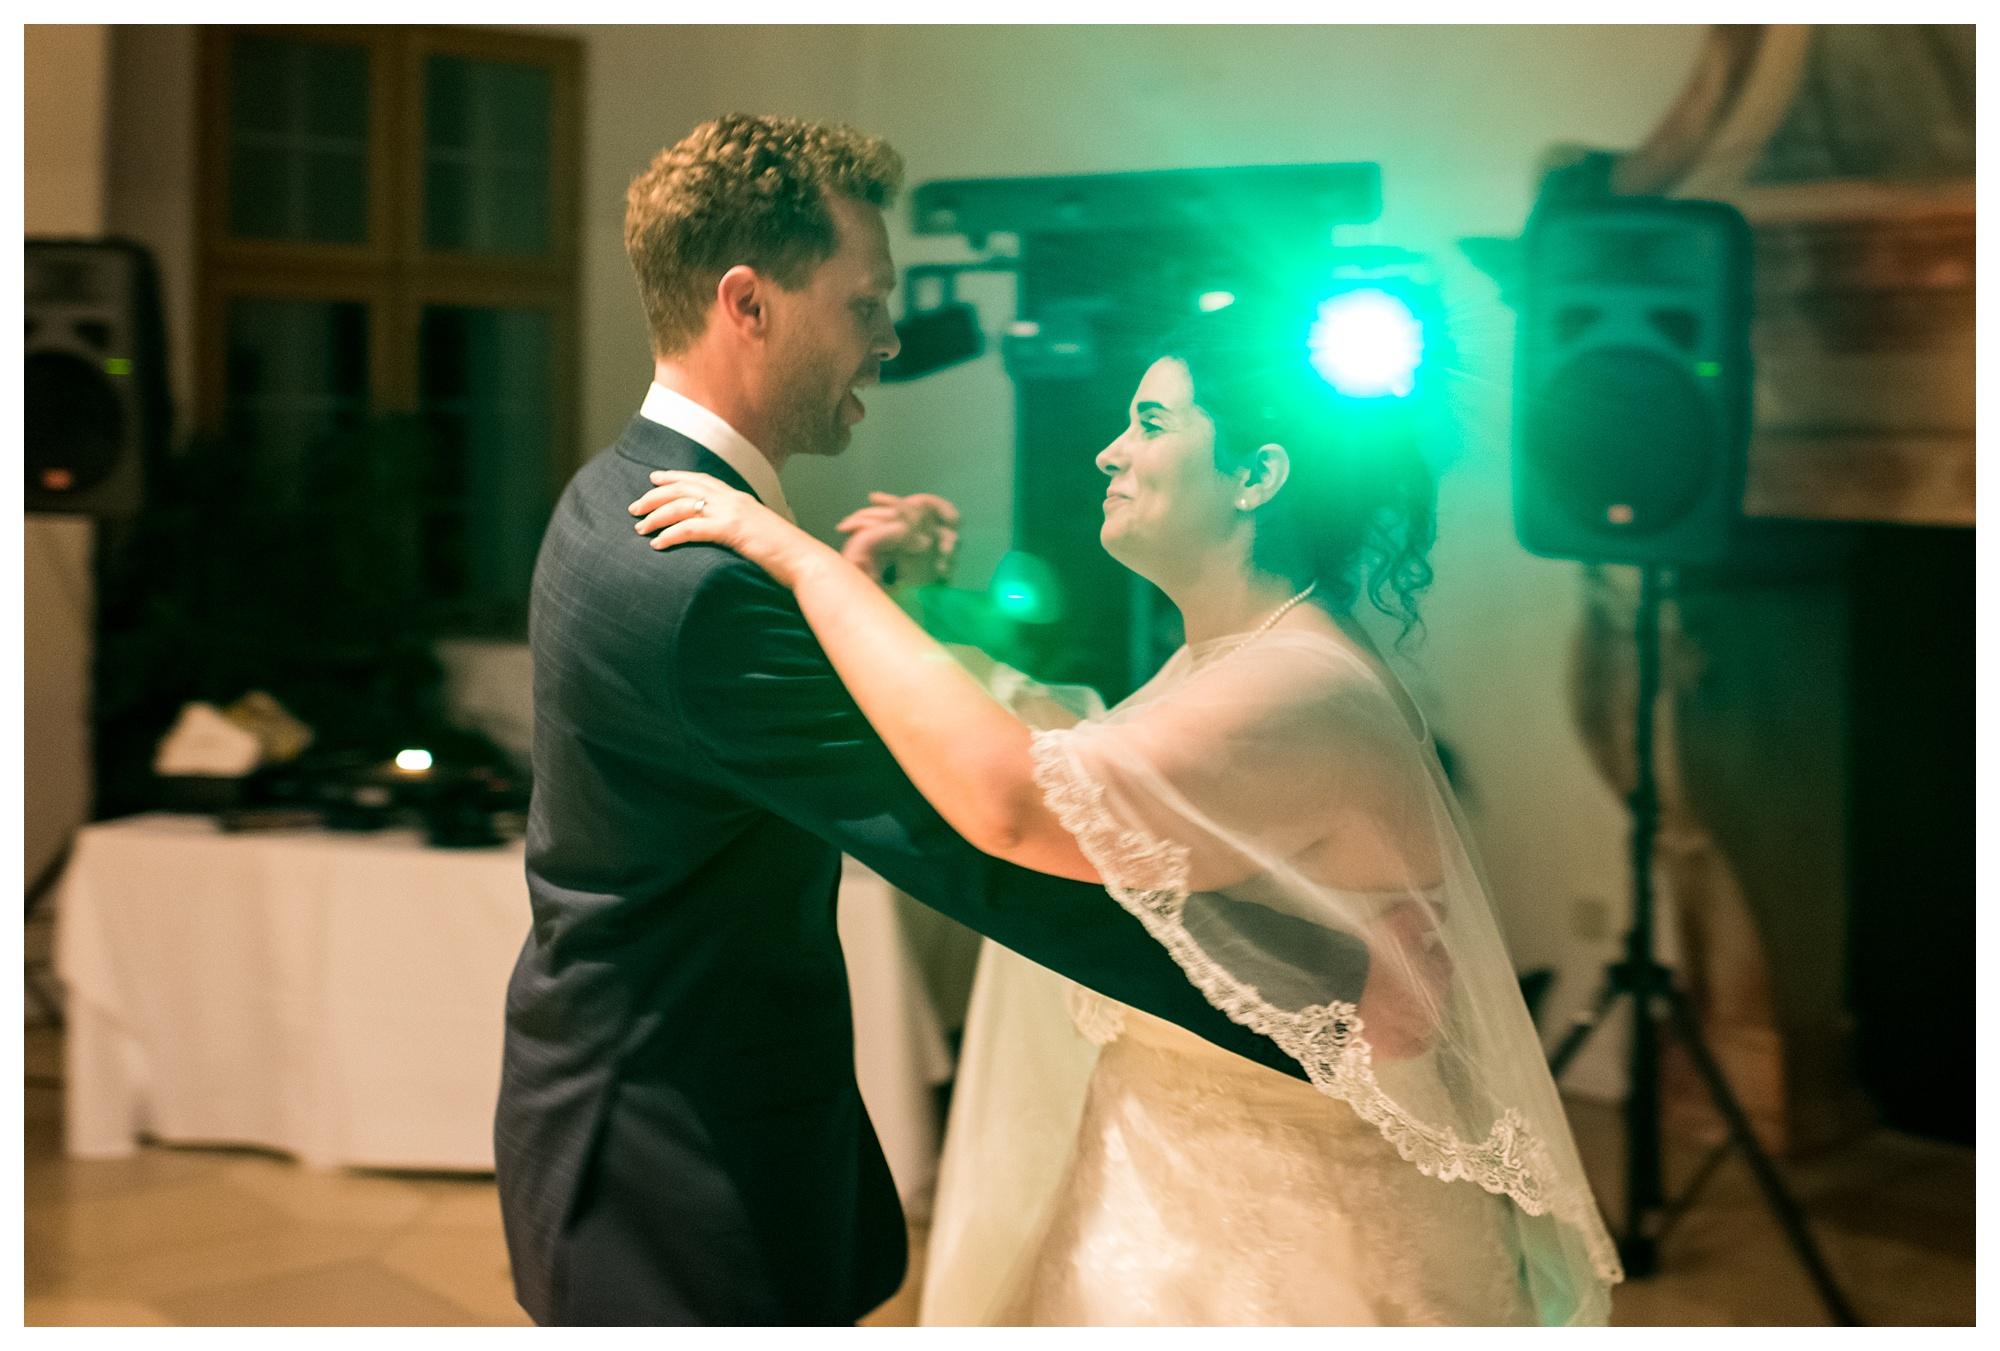 Fotograf Konstanz - Hochzeit Tanja Elmar Elmar Feuerbacher Photography Konstanz Messkirch Highlights 108 - Hochzeitsreportage von Tanja und Elmar im Schloss Meßkirch  - 207 -